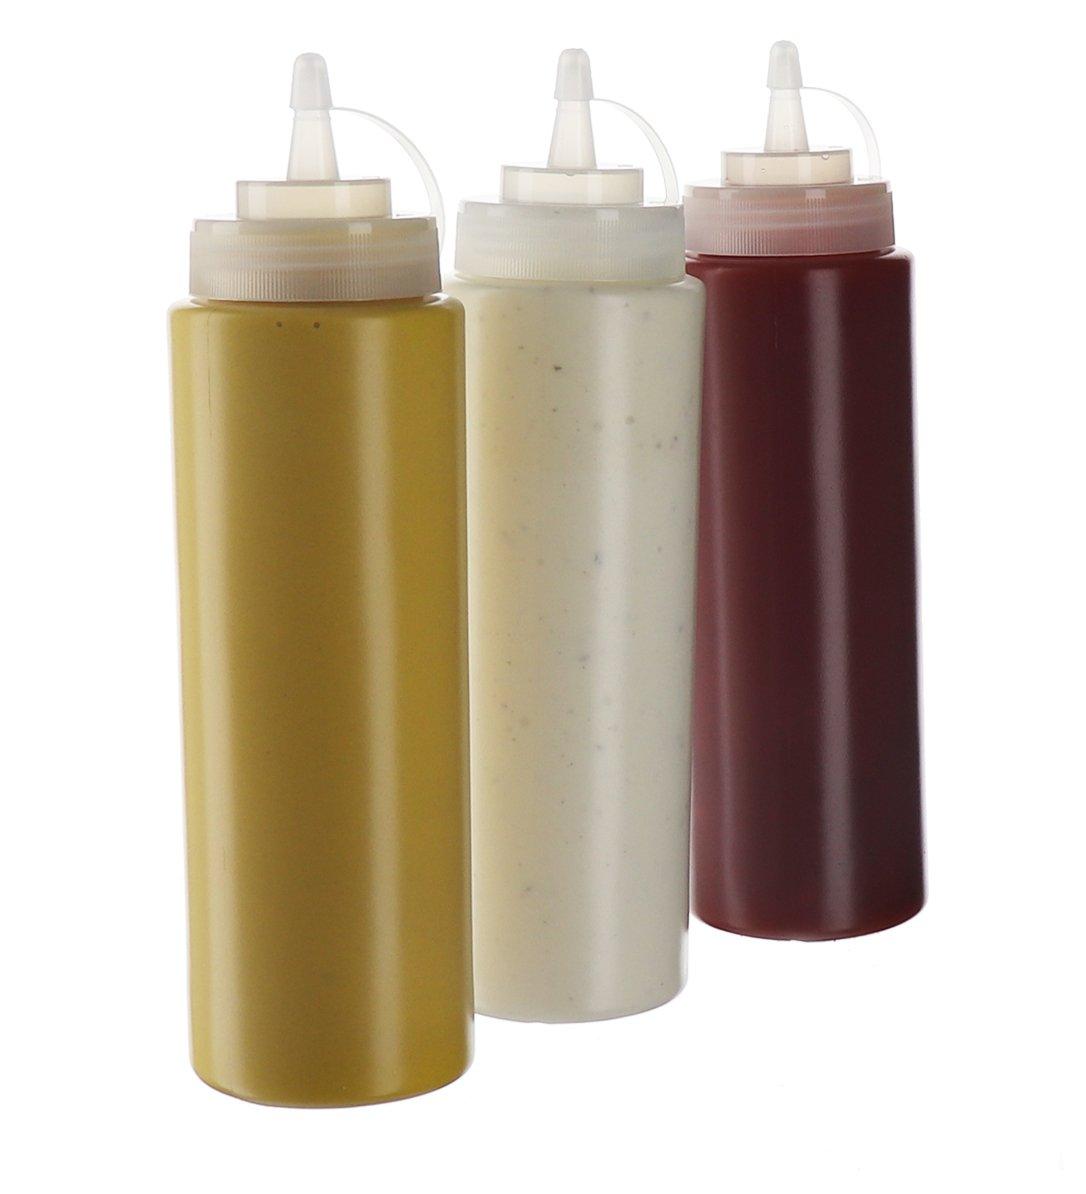 Oliven/öl Gew/ürzflaschen mit Drehdeckel 570 ml Mayo transparent 3 St/ück f/ür Ketchup-Senf Kunststoff hei/ße So/ßen